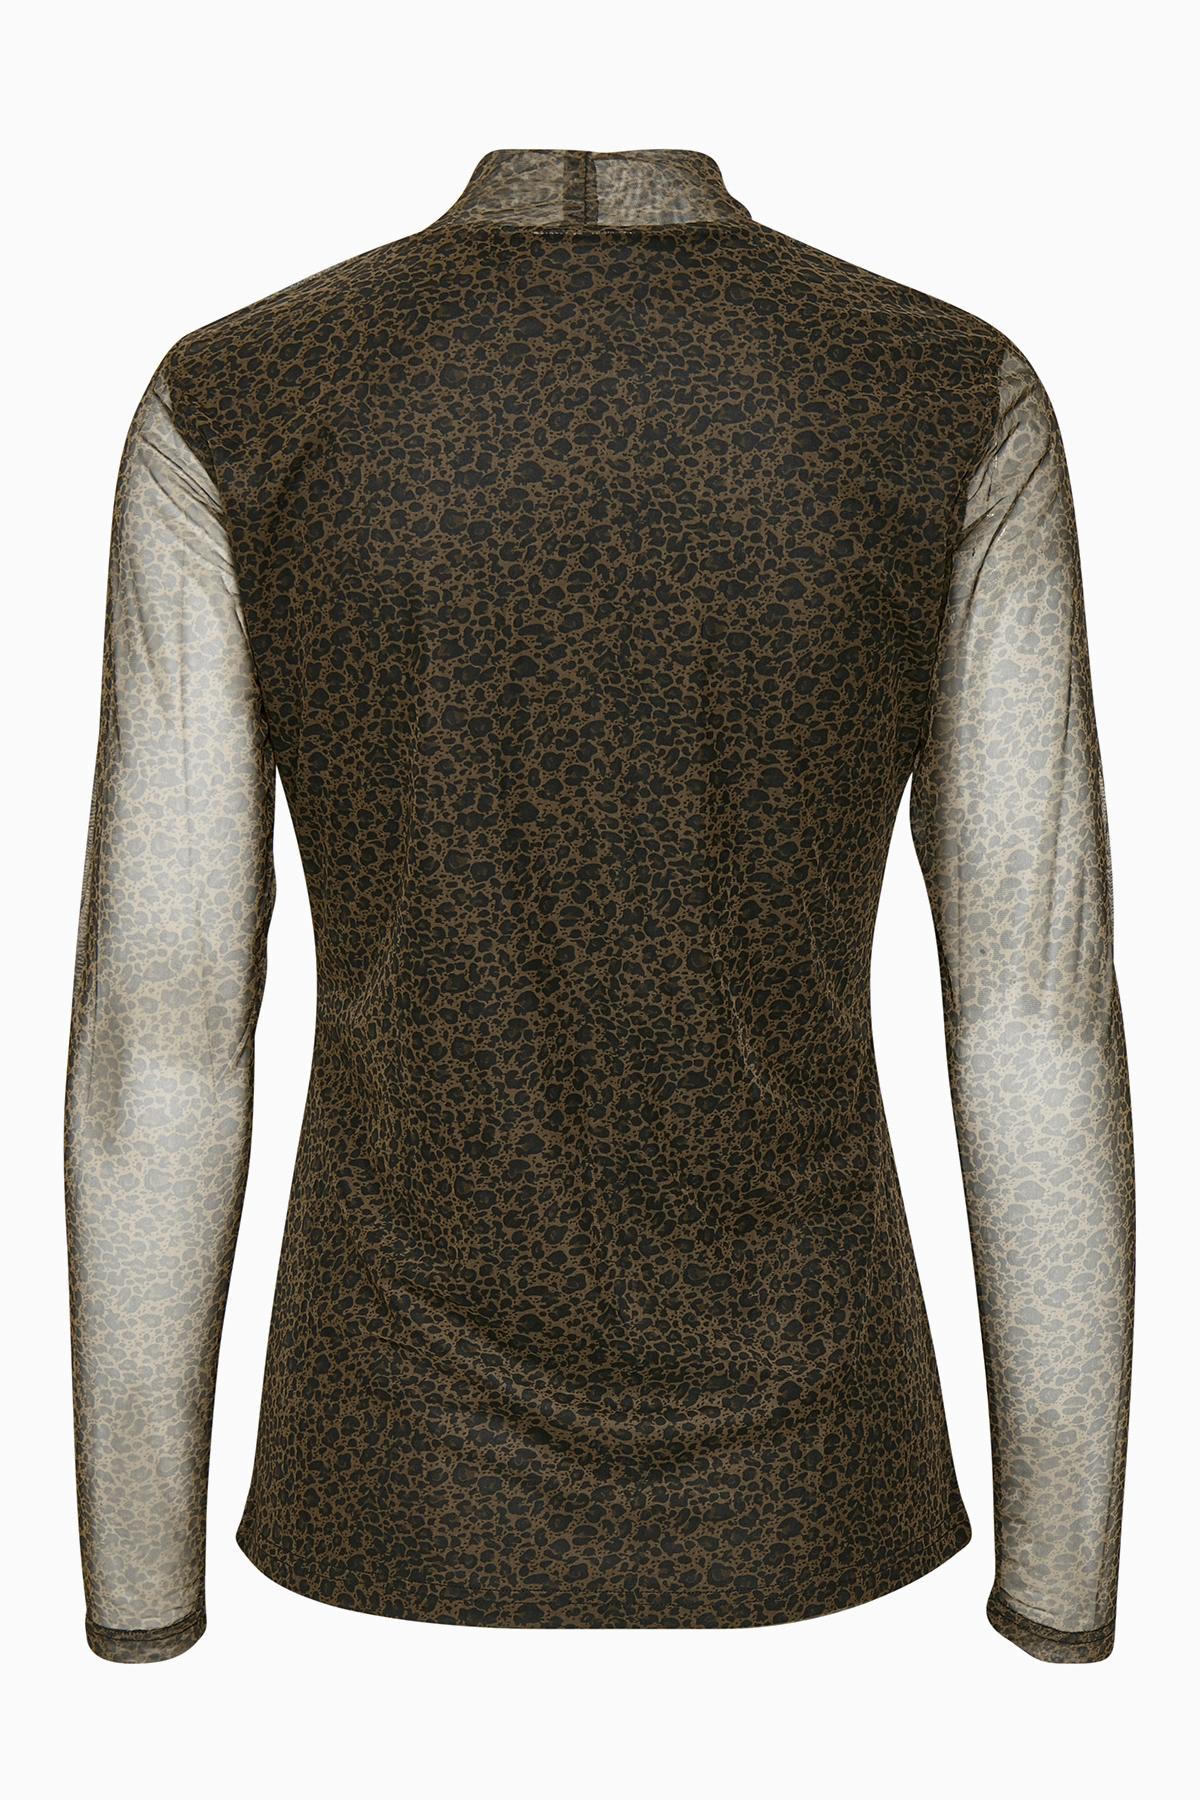 Svart Långärmad T-shirt från Kaffe – Köp Svart Långärmad T-shirt från stl. XS-XXL här